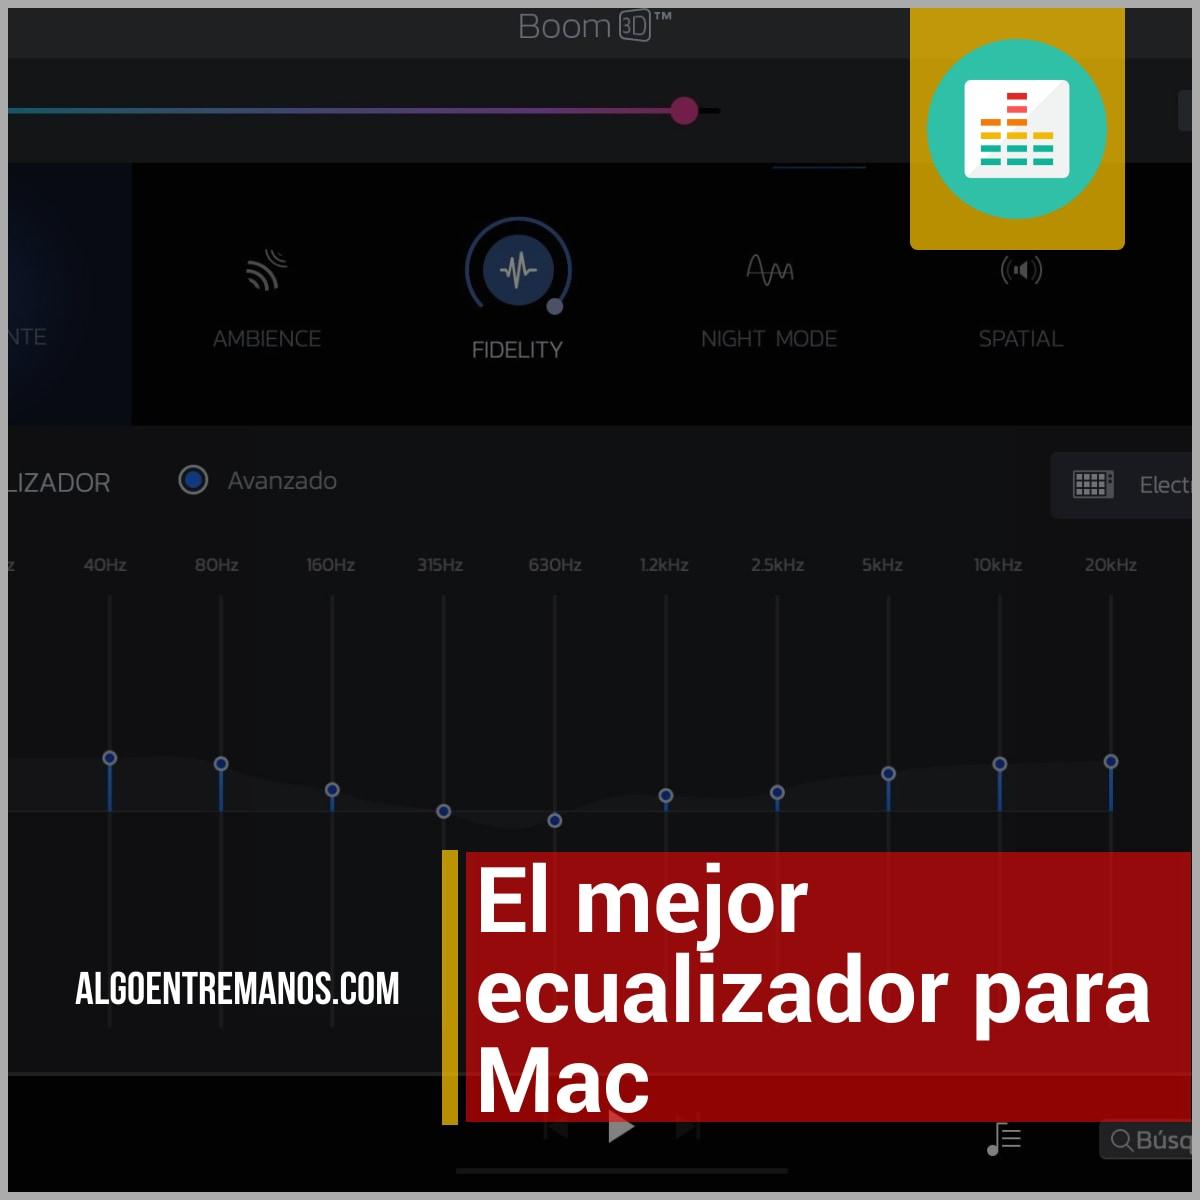 Los mejores ecualizadores para Mac